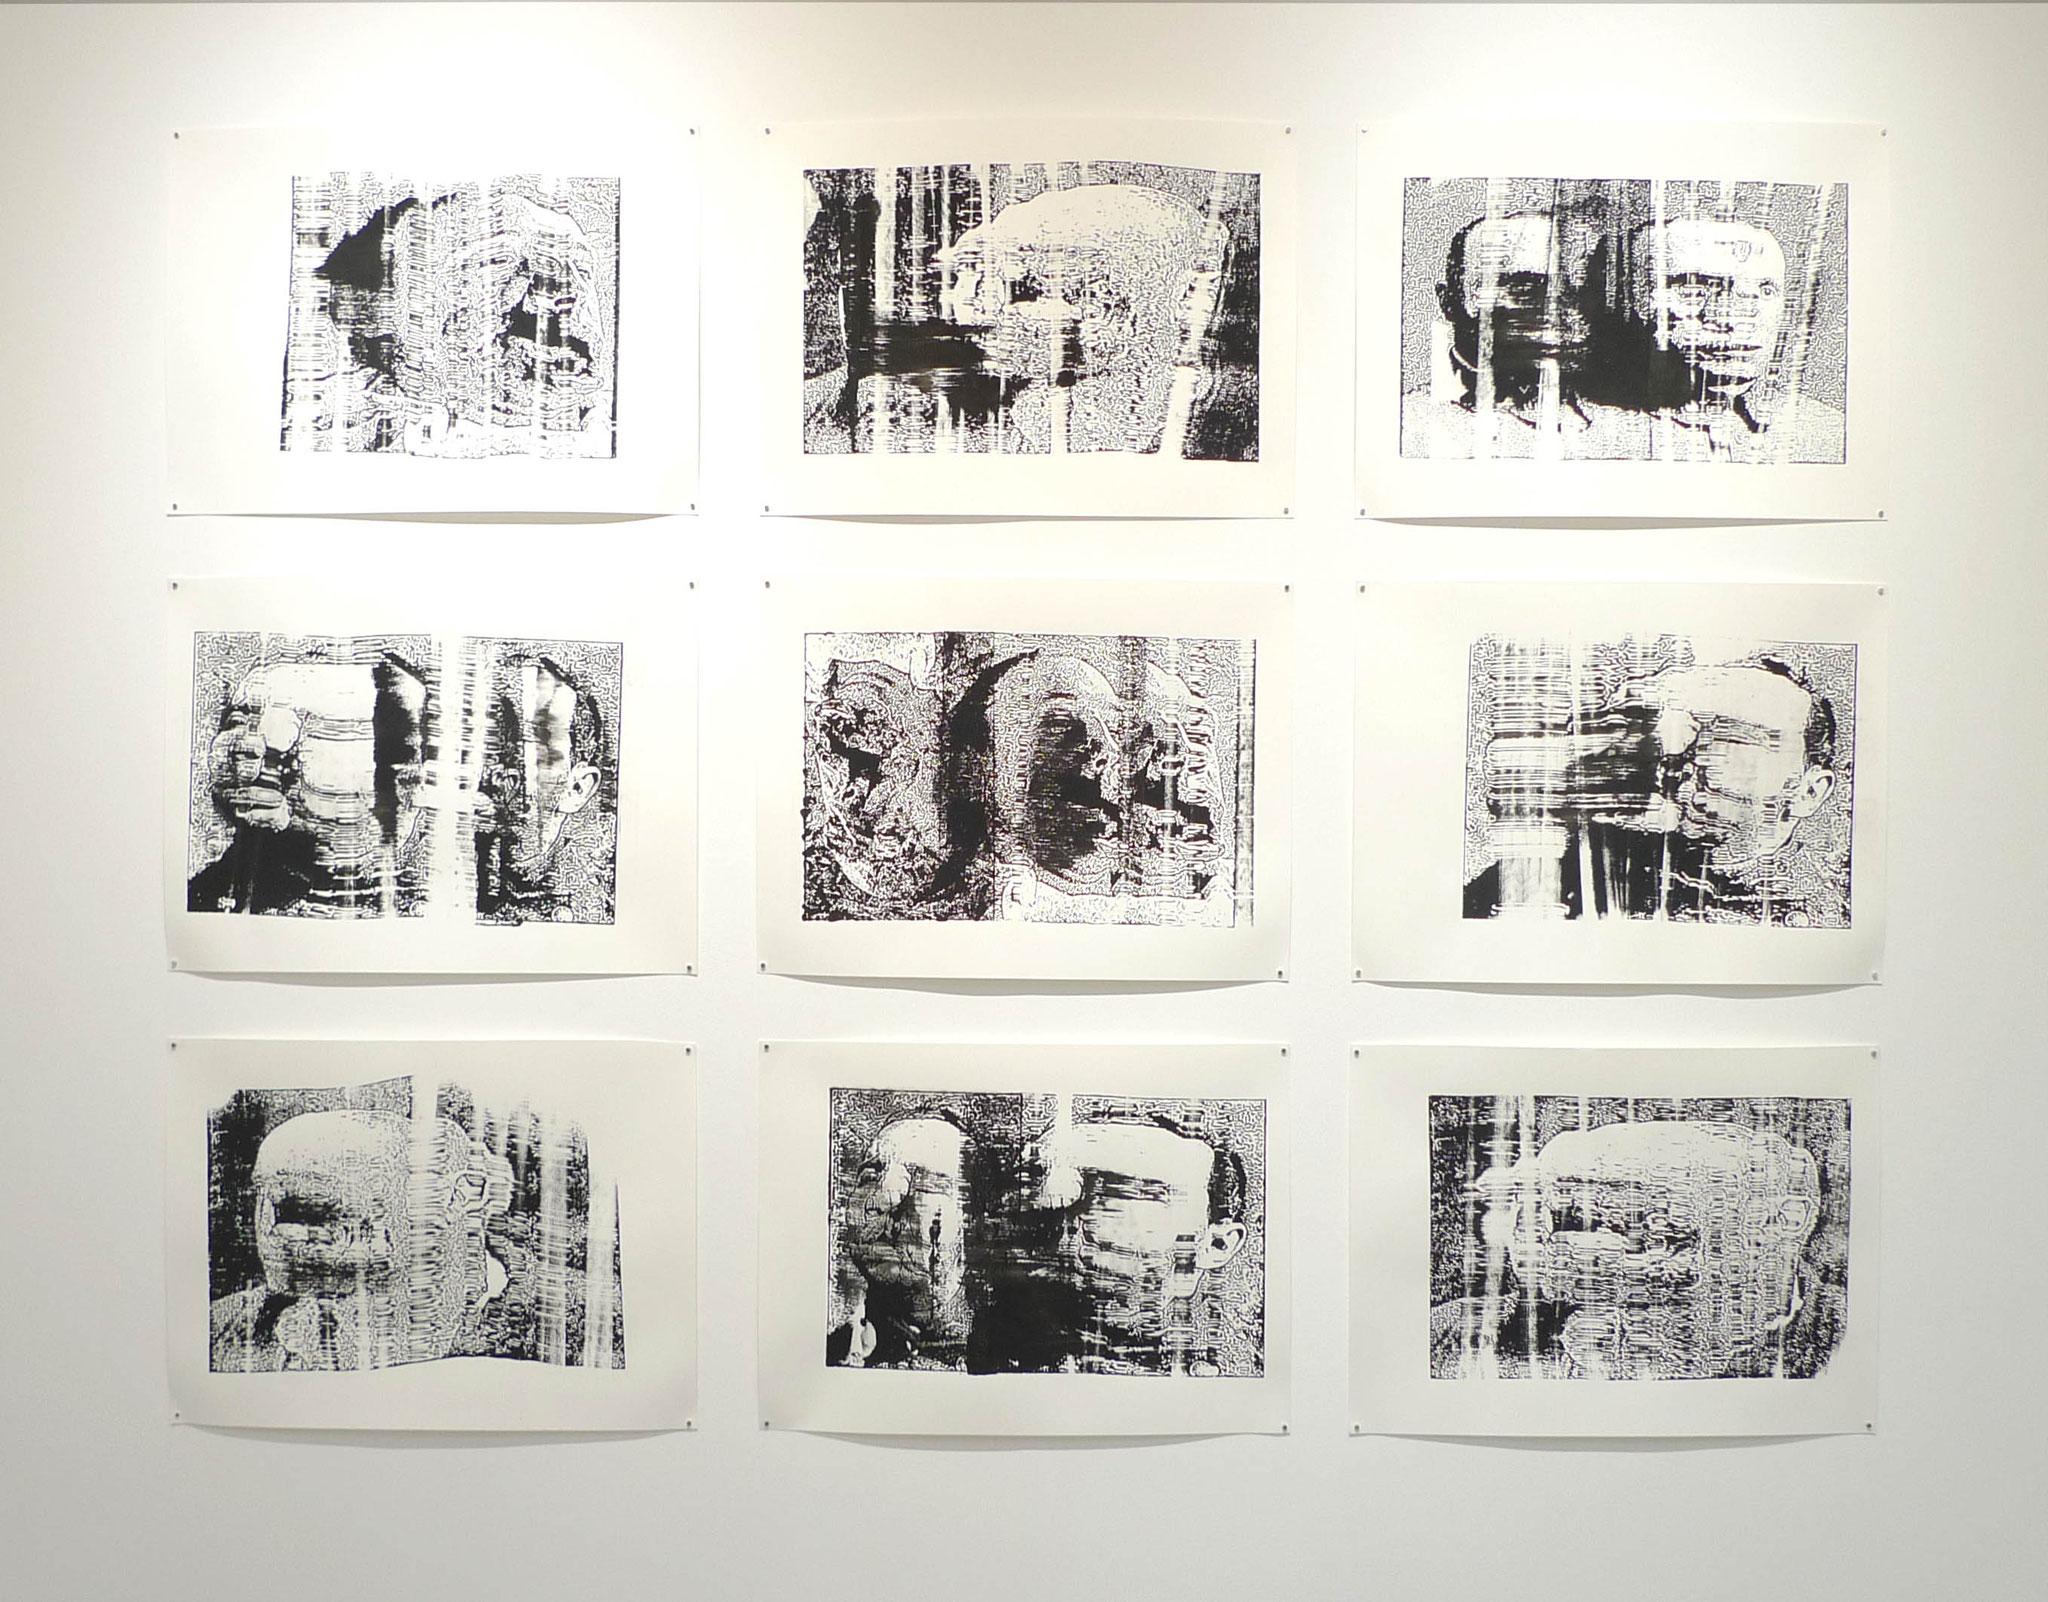 Gueules froissées, 2017. 9 sérigraphies monotypes de format 50 x 70 cm. Photo : Loïc Creff